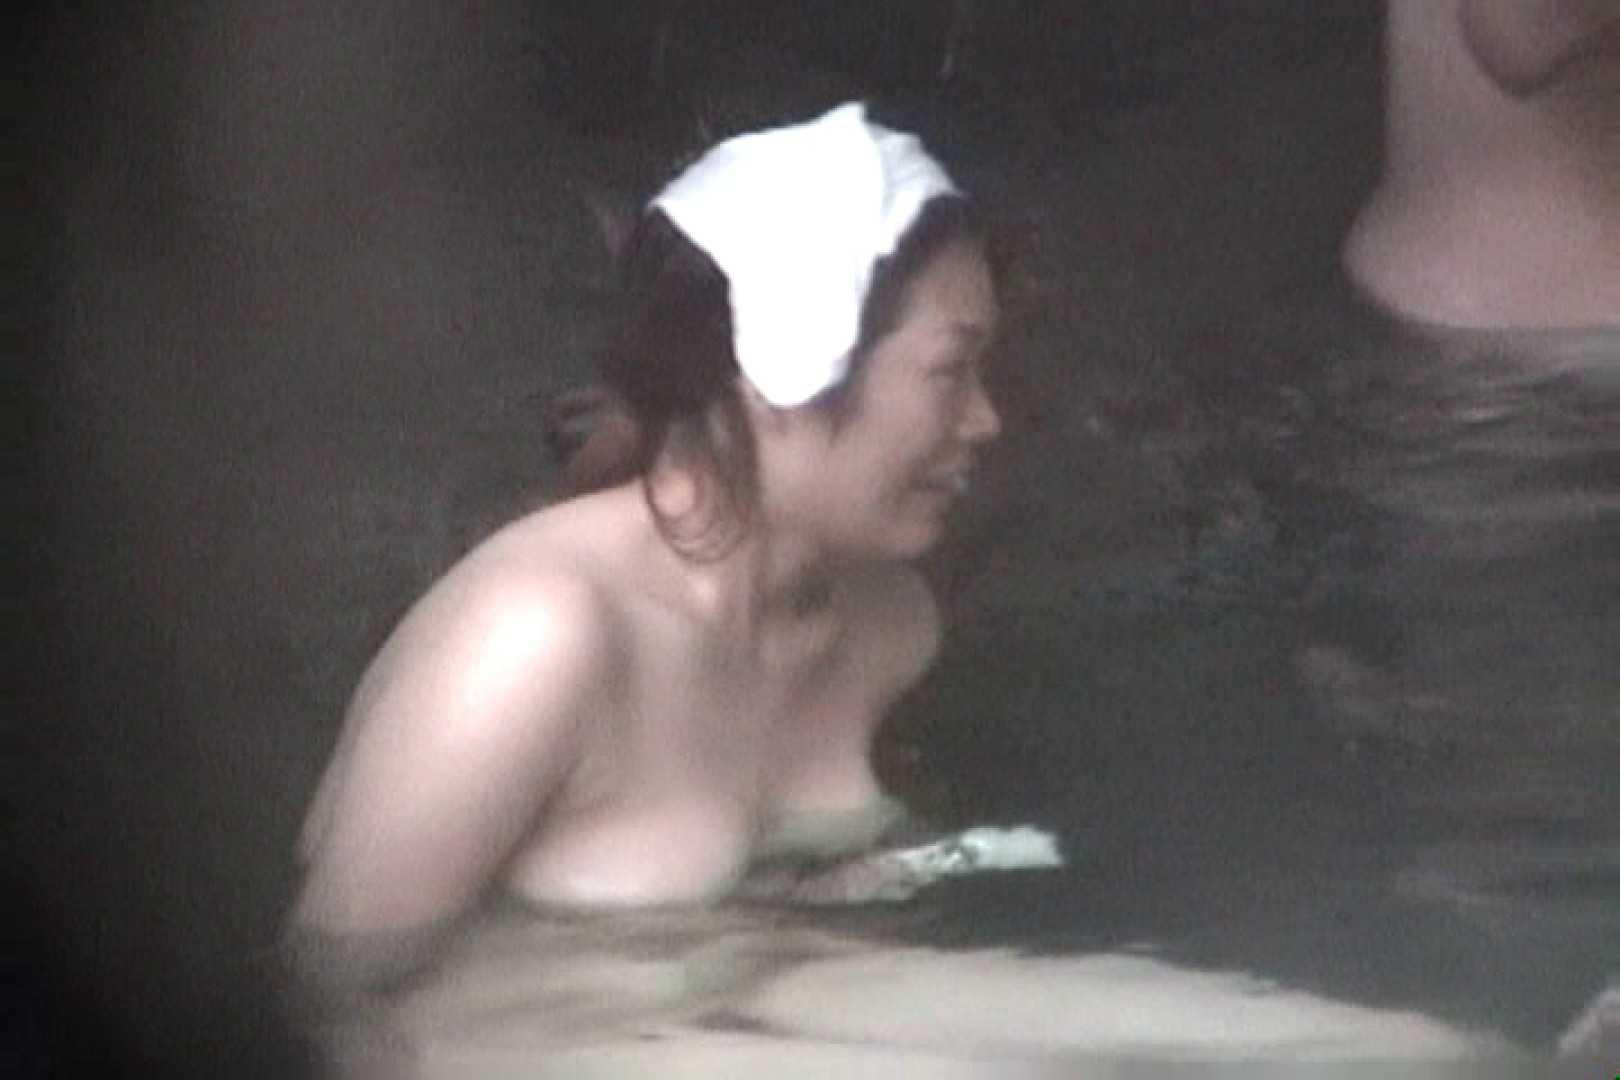 Aquaな露天風呂Vol.71【VIP限定】 OLのエロ生活  22連発 9